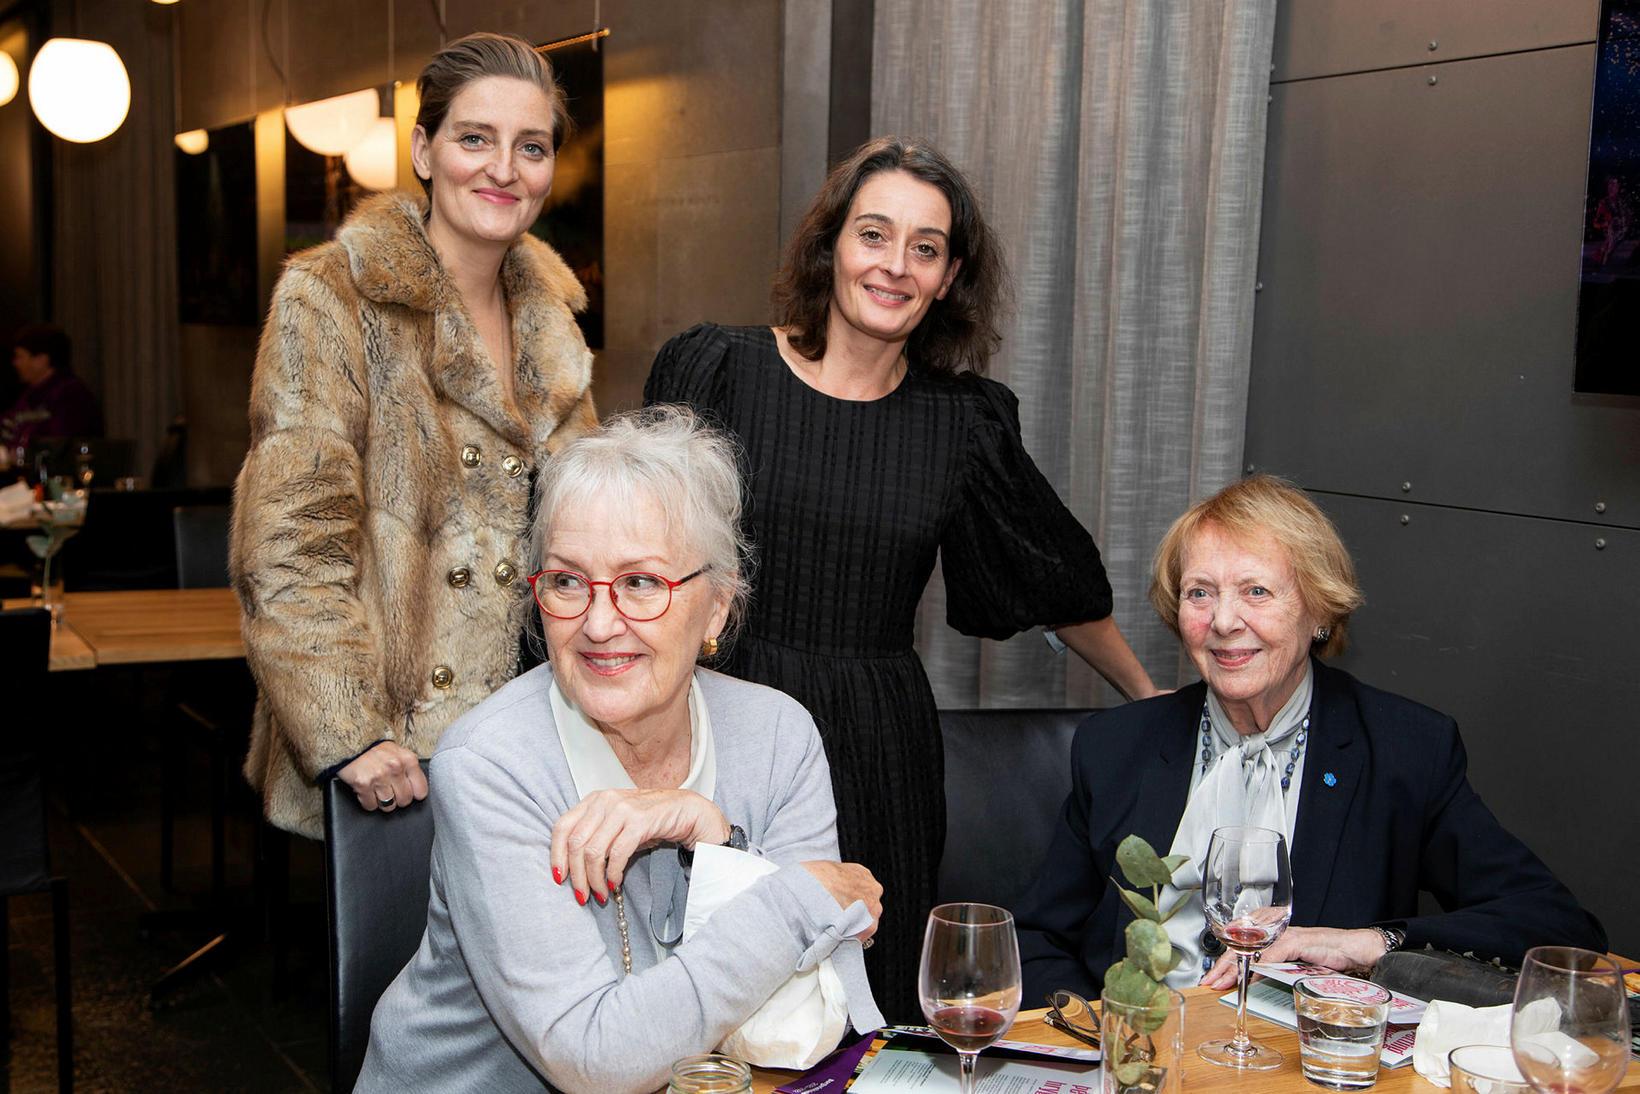 Kristín Eysteinsdóttir, Brynhildur Guðjónsdóttir, Þórunn Sigurðardóttir og Vigdís Finnbogadóttir.